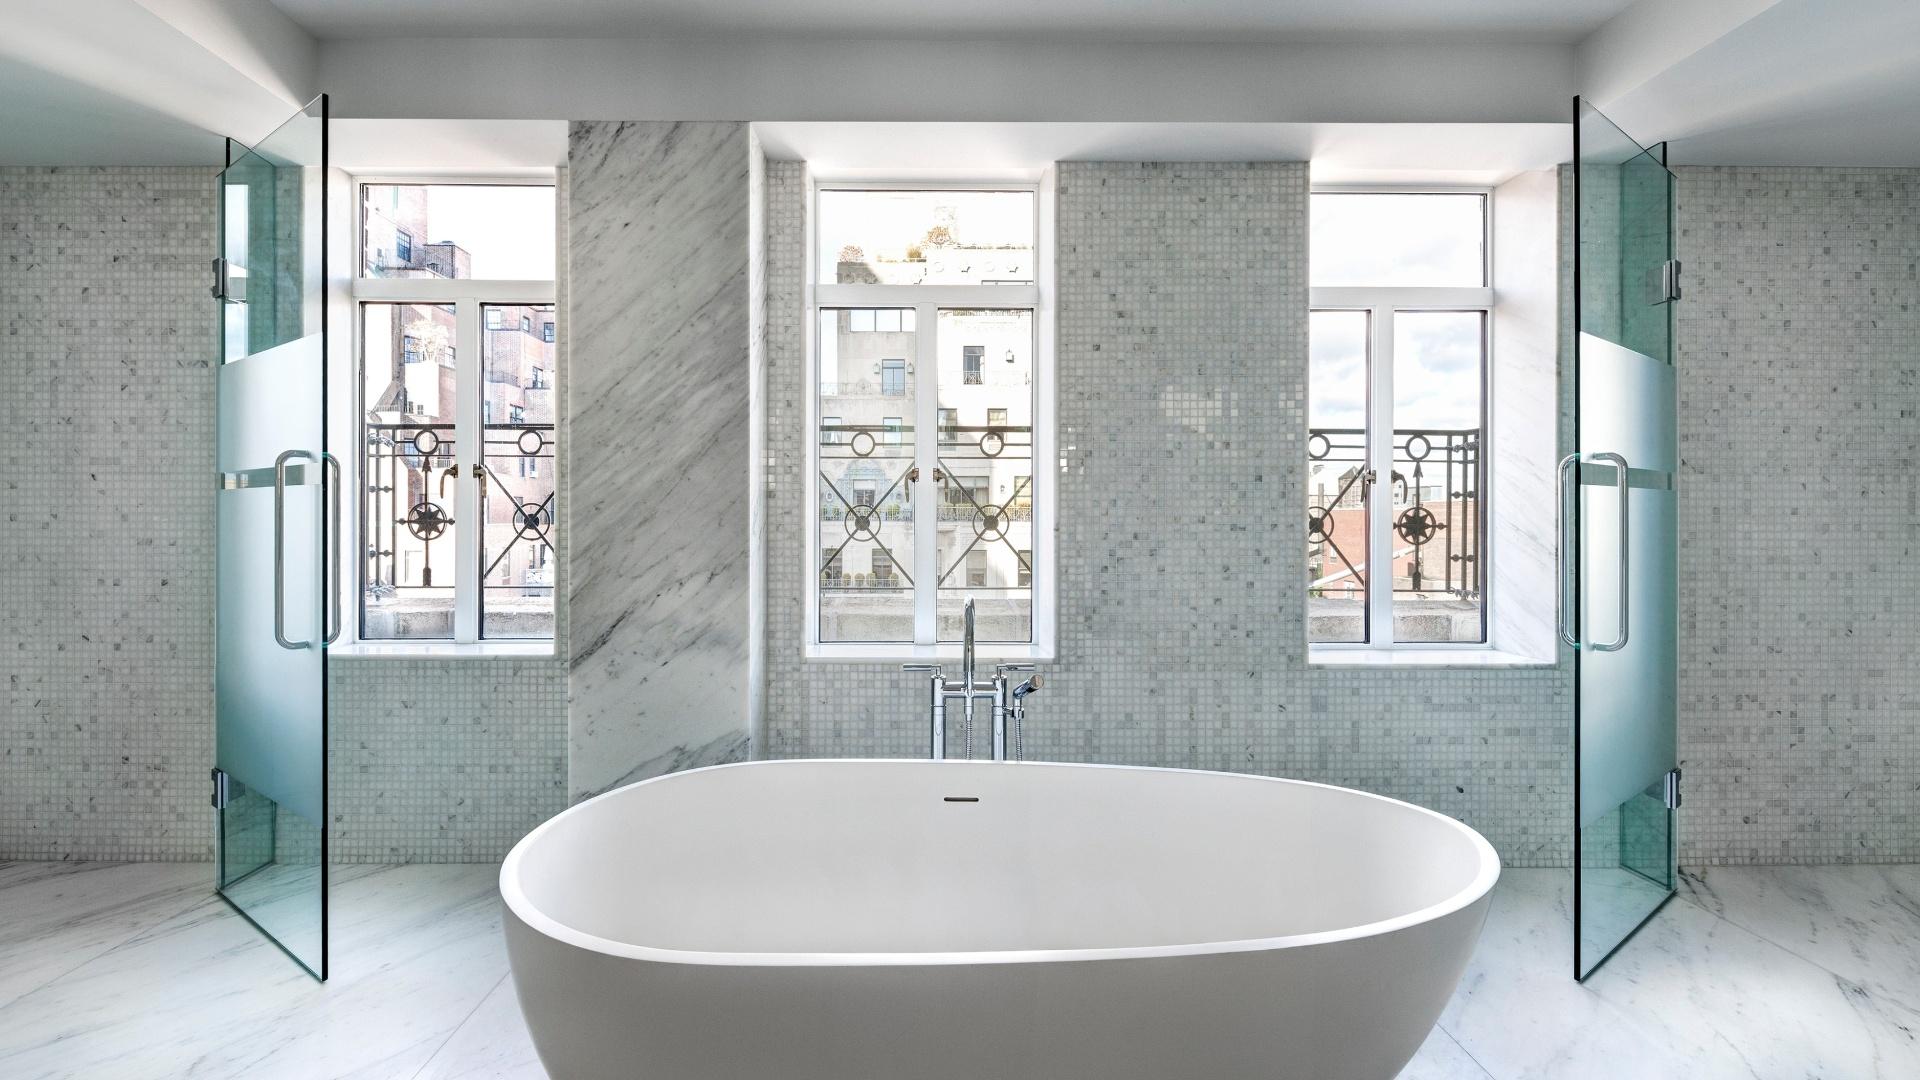 Também na Park Avenue, endereço de luxo de Nova York, o edifício no número 737 possui apartamentos grandiosos. Um dos banheiros das unidades tem revestimento em mármore e janelas grandes, que permitem observar o